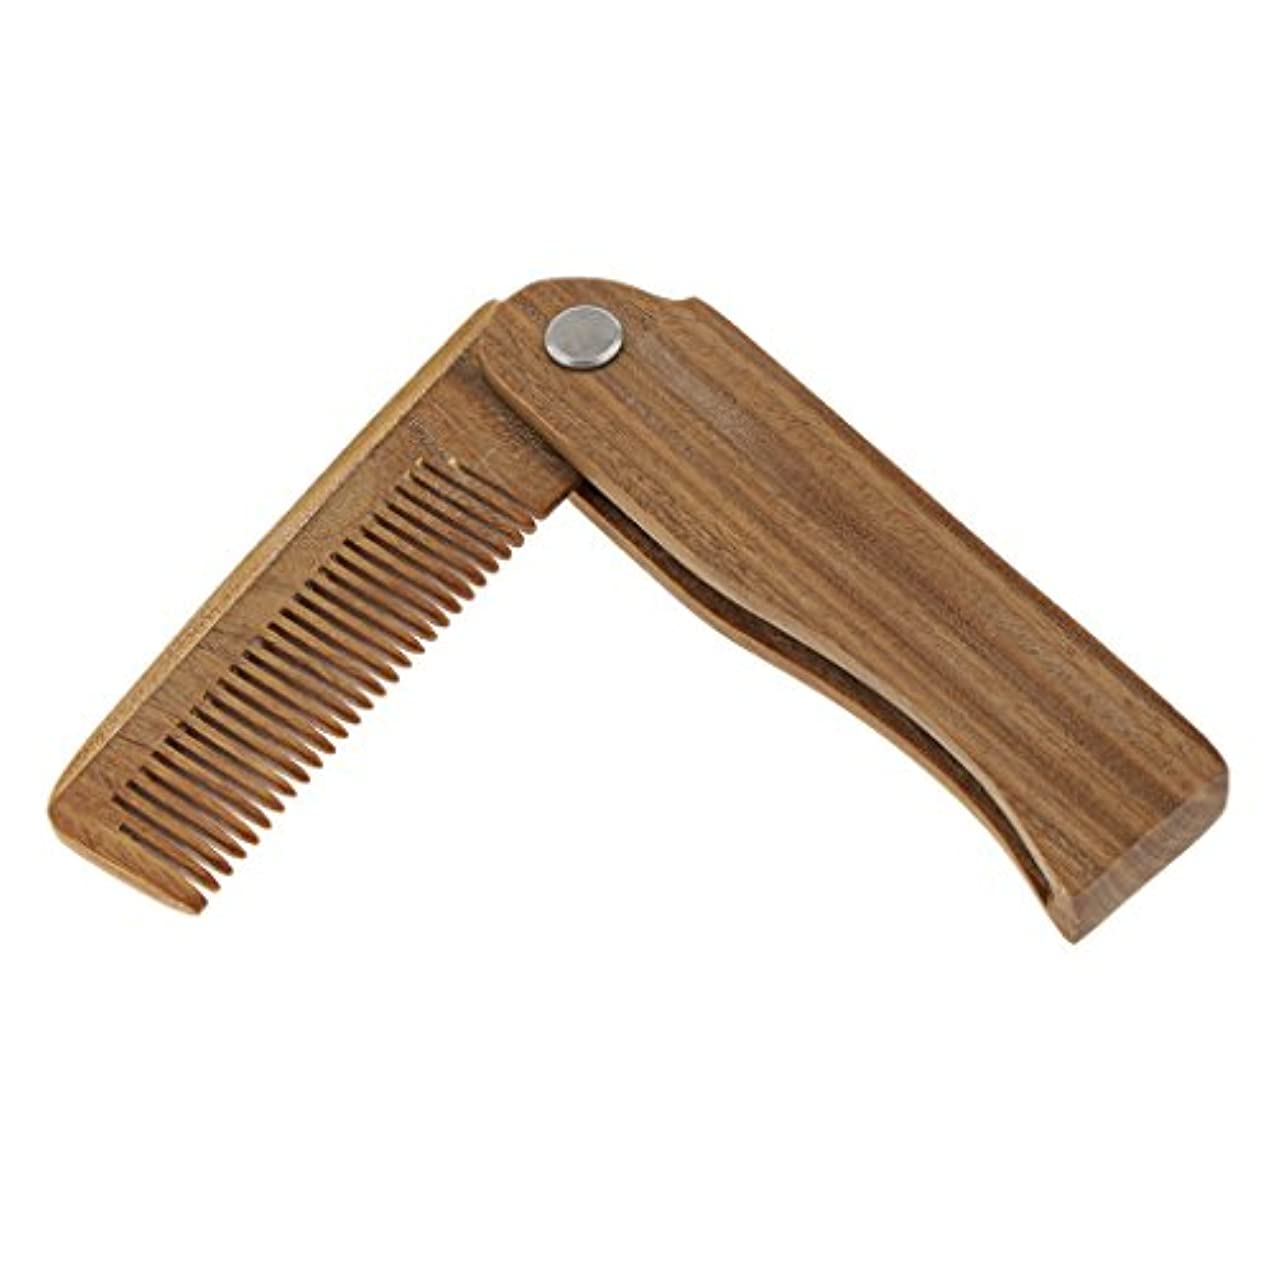 ペッカディロアブストラクト階層木製櫛 ヘアブラシ ヘアコーム ミニサイズ 多機能櫛 ひげ櫛 櫛 折り畳み式 2タイプ選べる - B